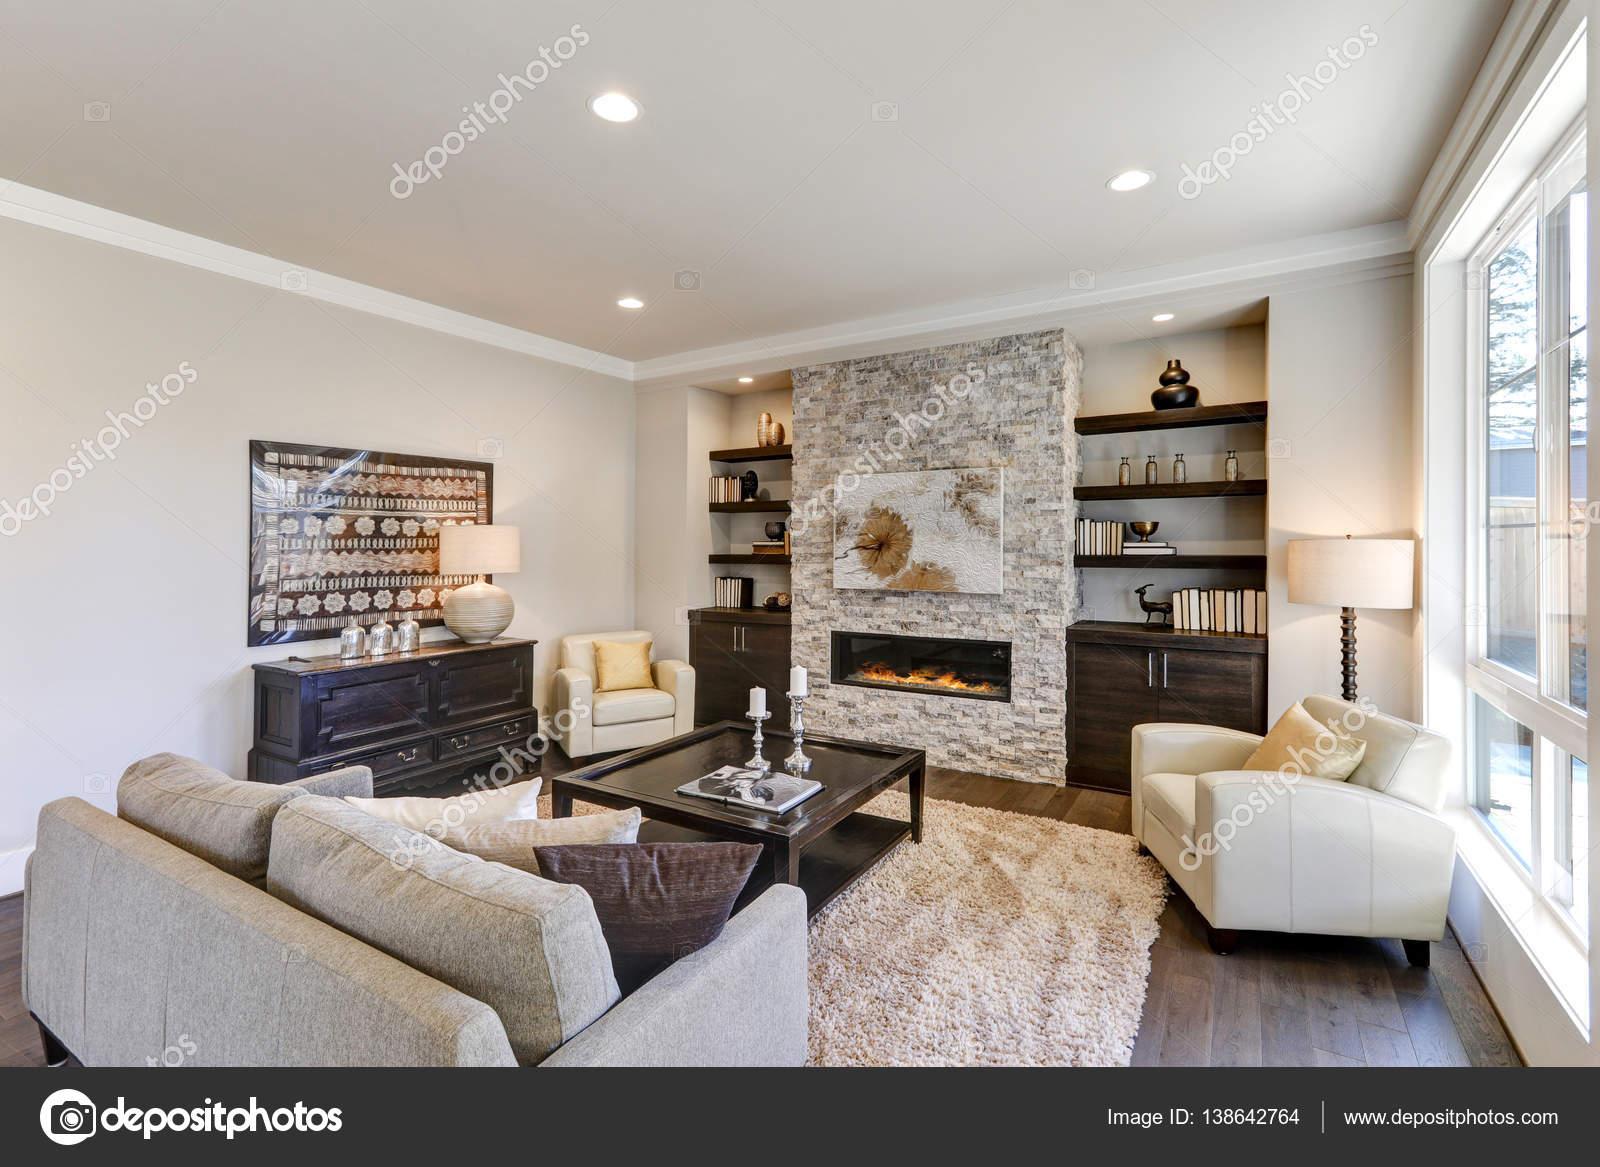 Chique woonkamer interieur in grijze kleuren stockfoto for Grijze woonkamer